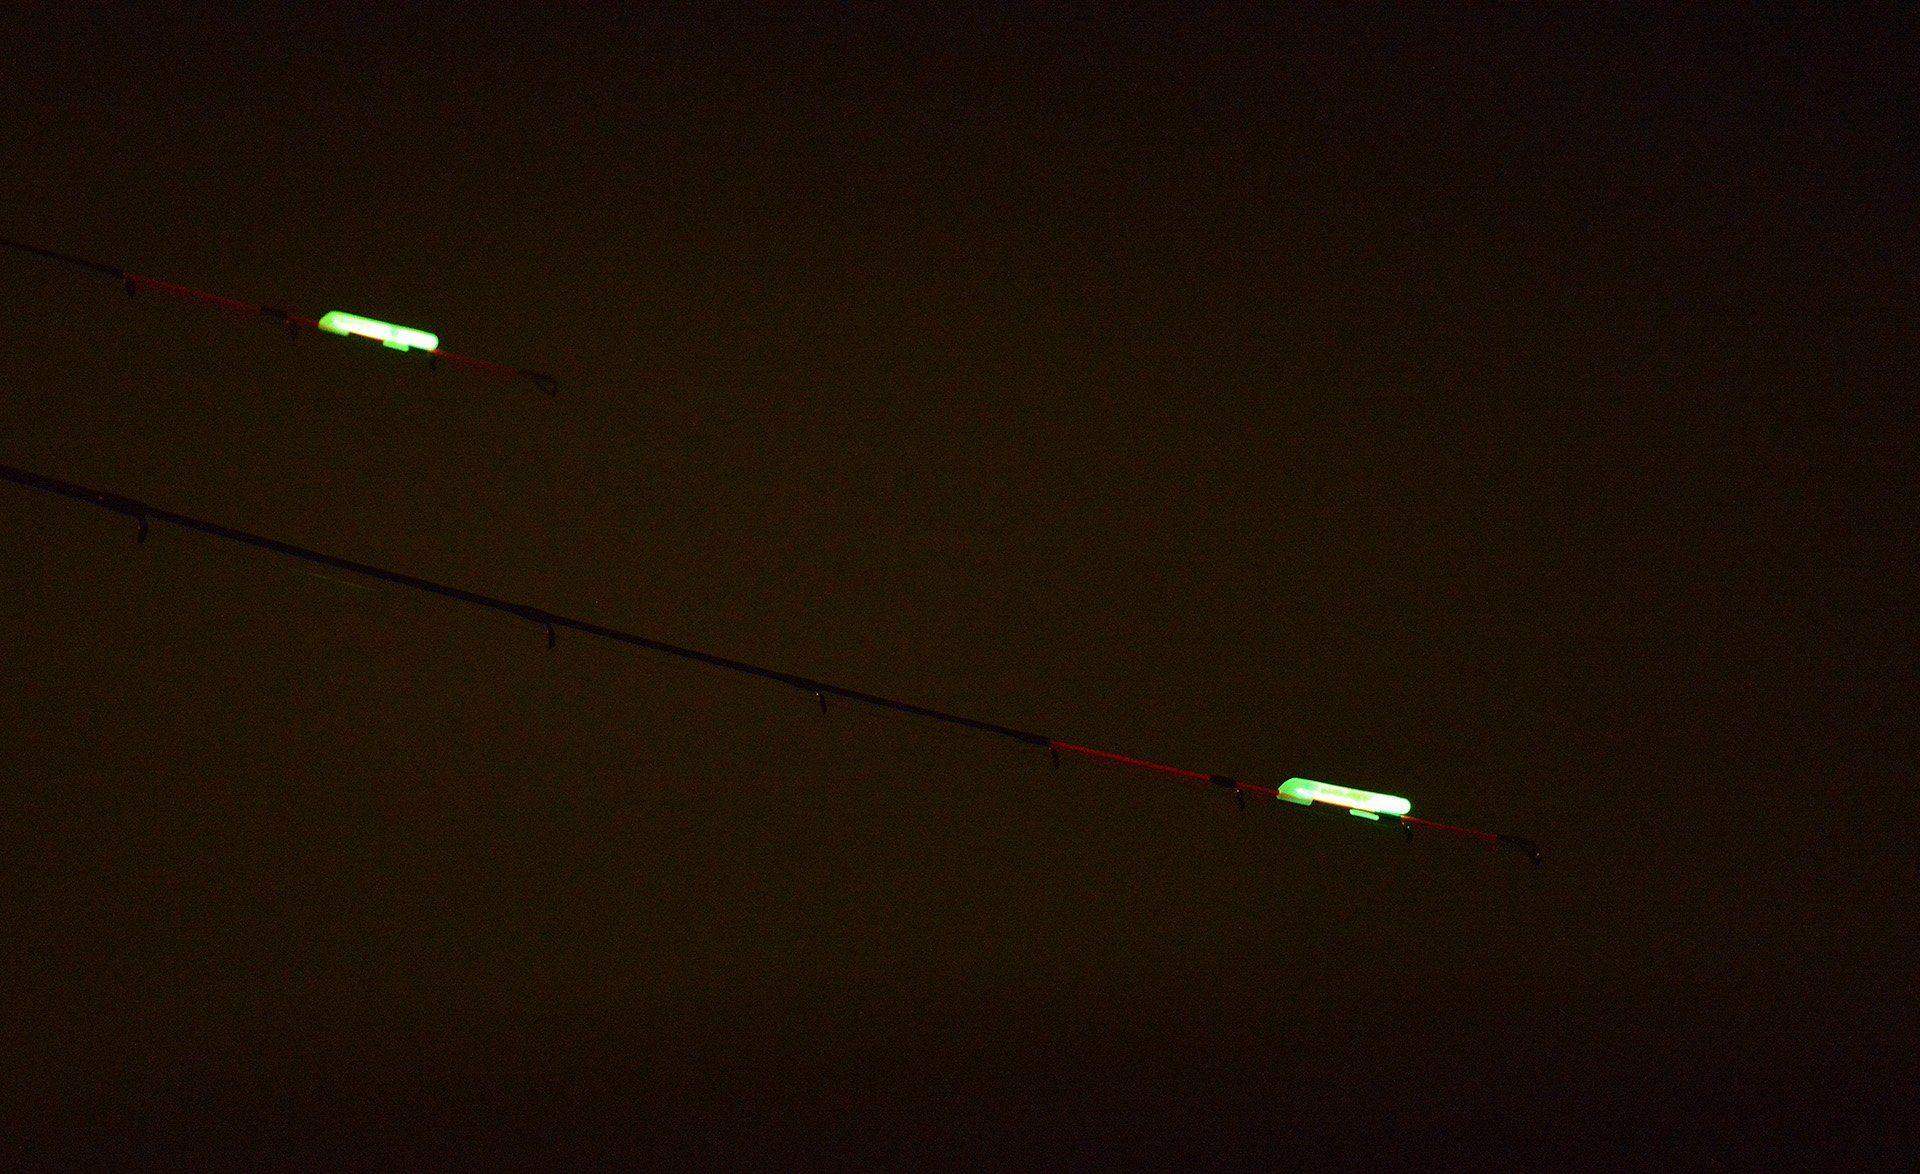 Két aprócska fénypont az éjszaka sötétjében, mégis minden figyelem rájuk szegeződik!